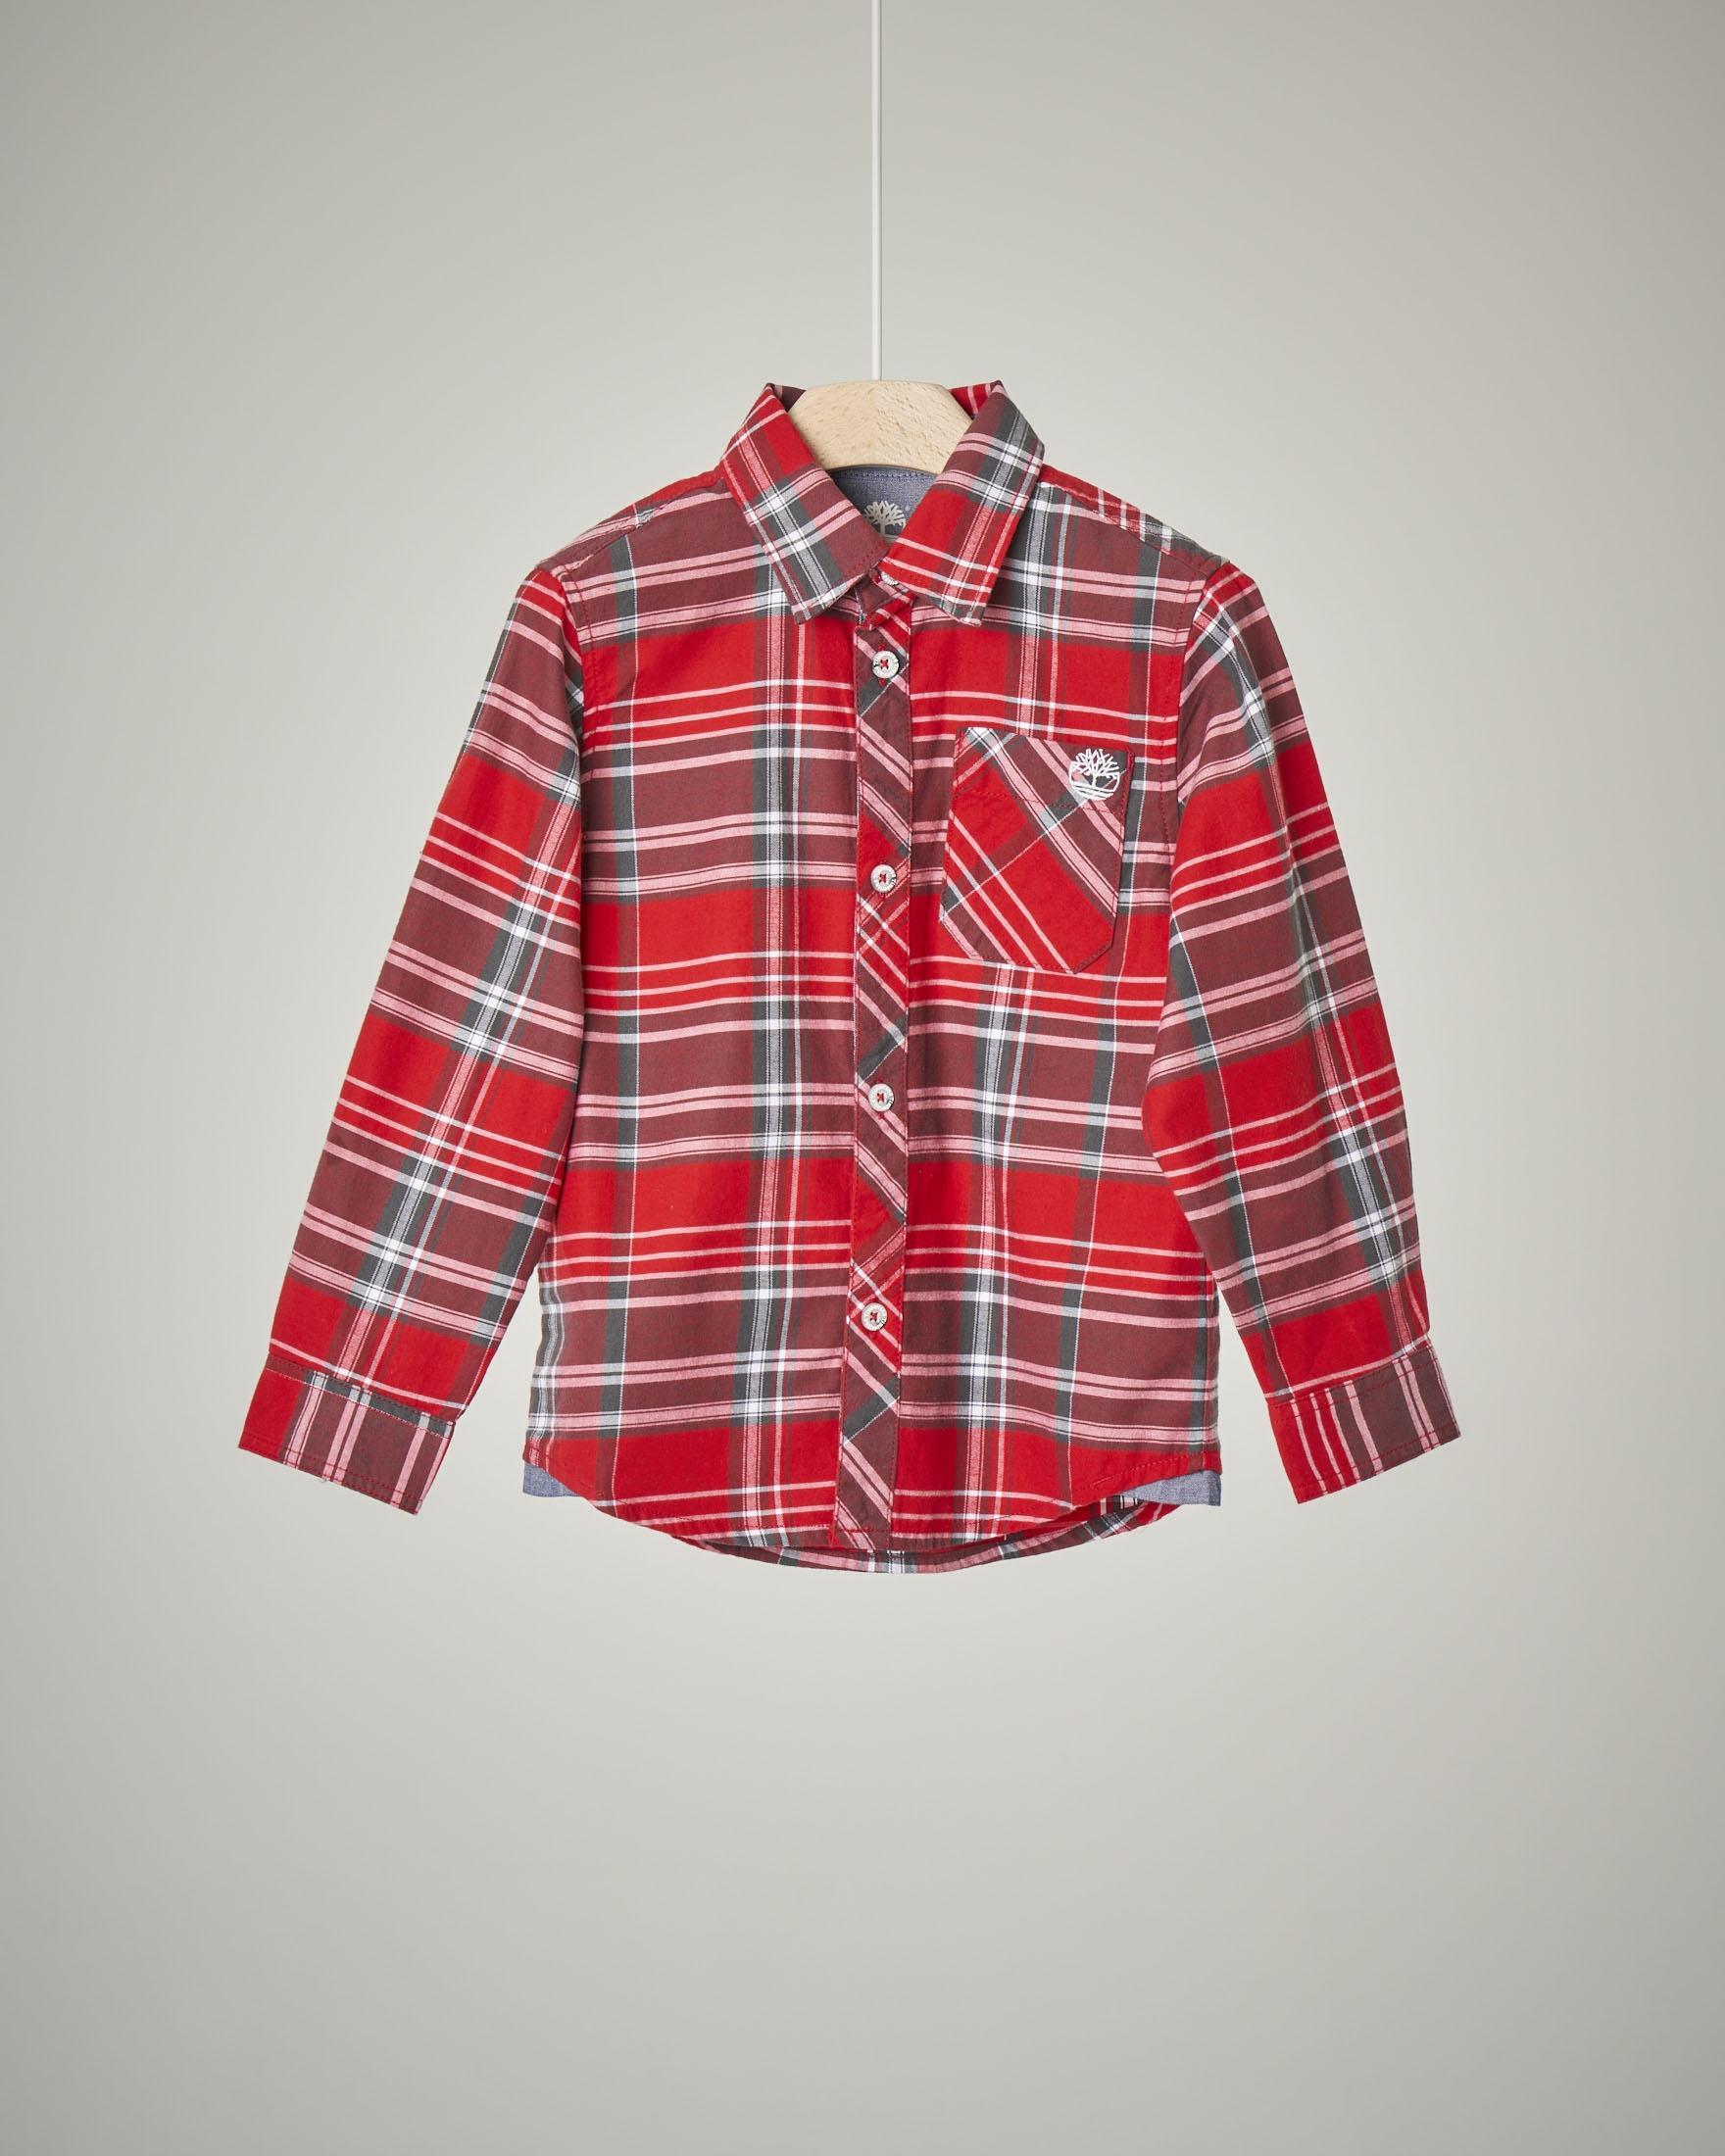 Camicia a quadri rossi e grigi in cotone